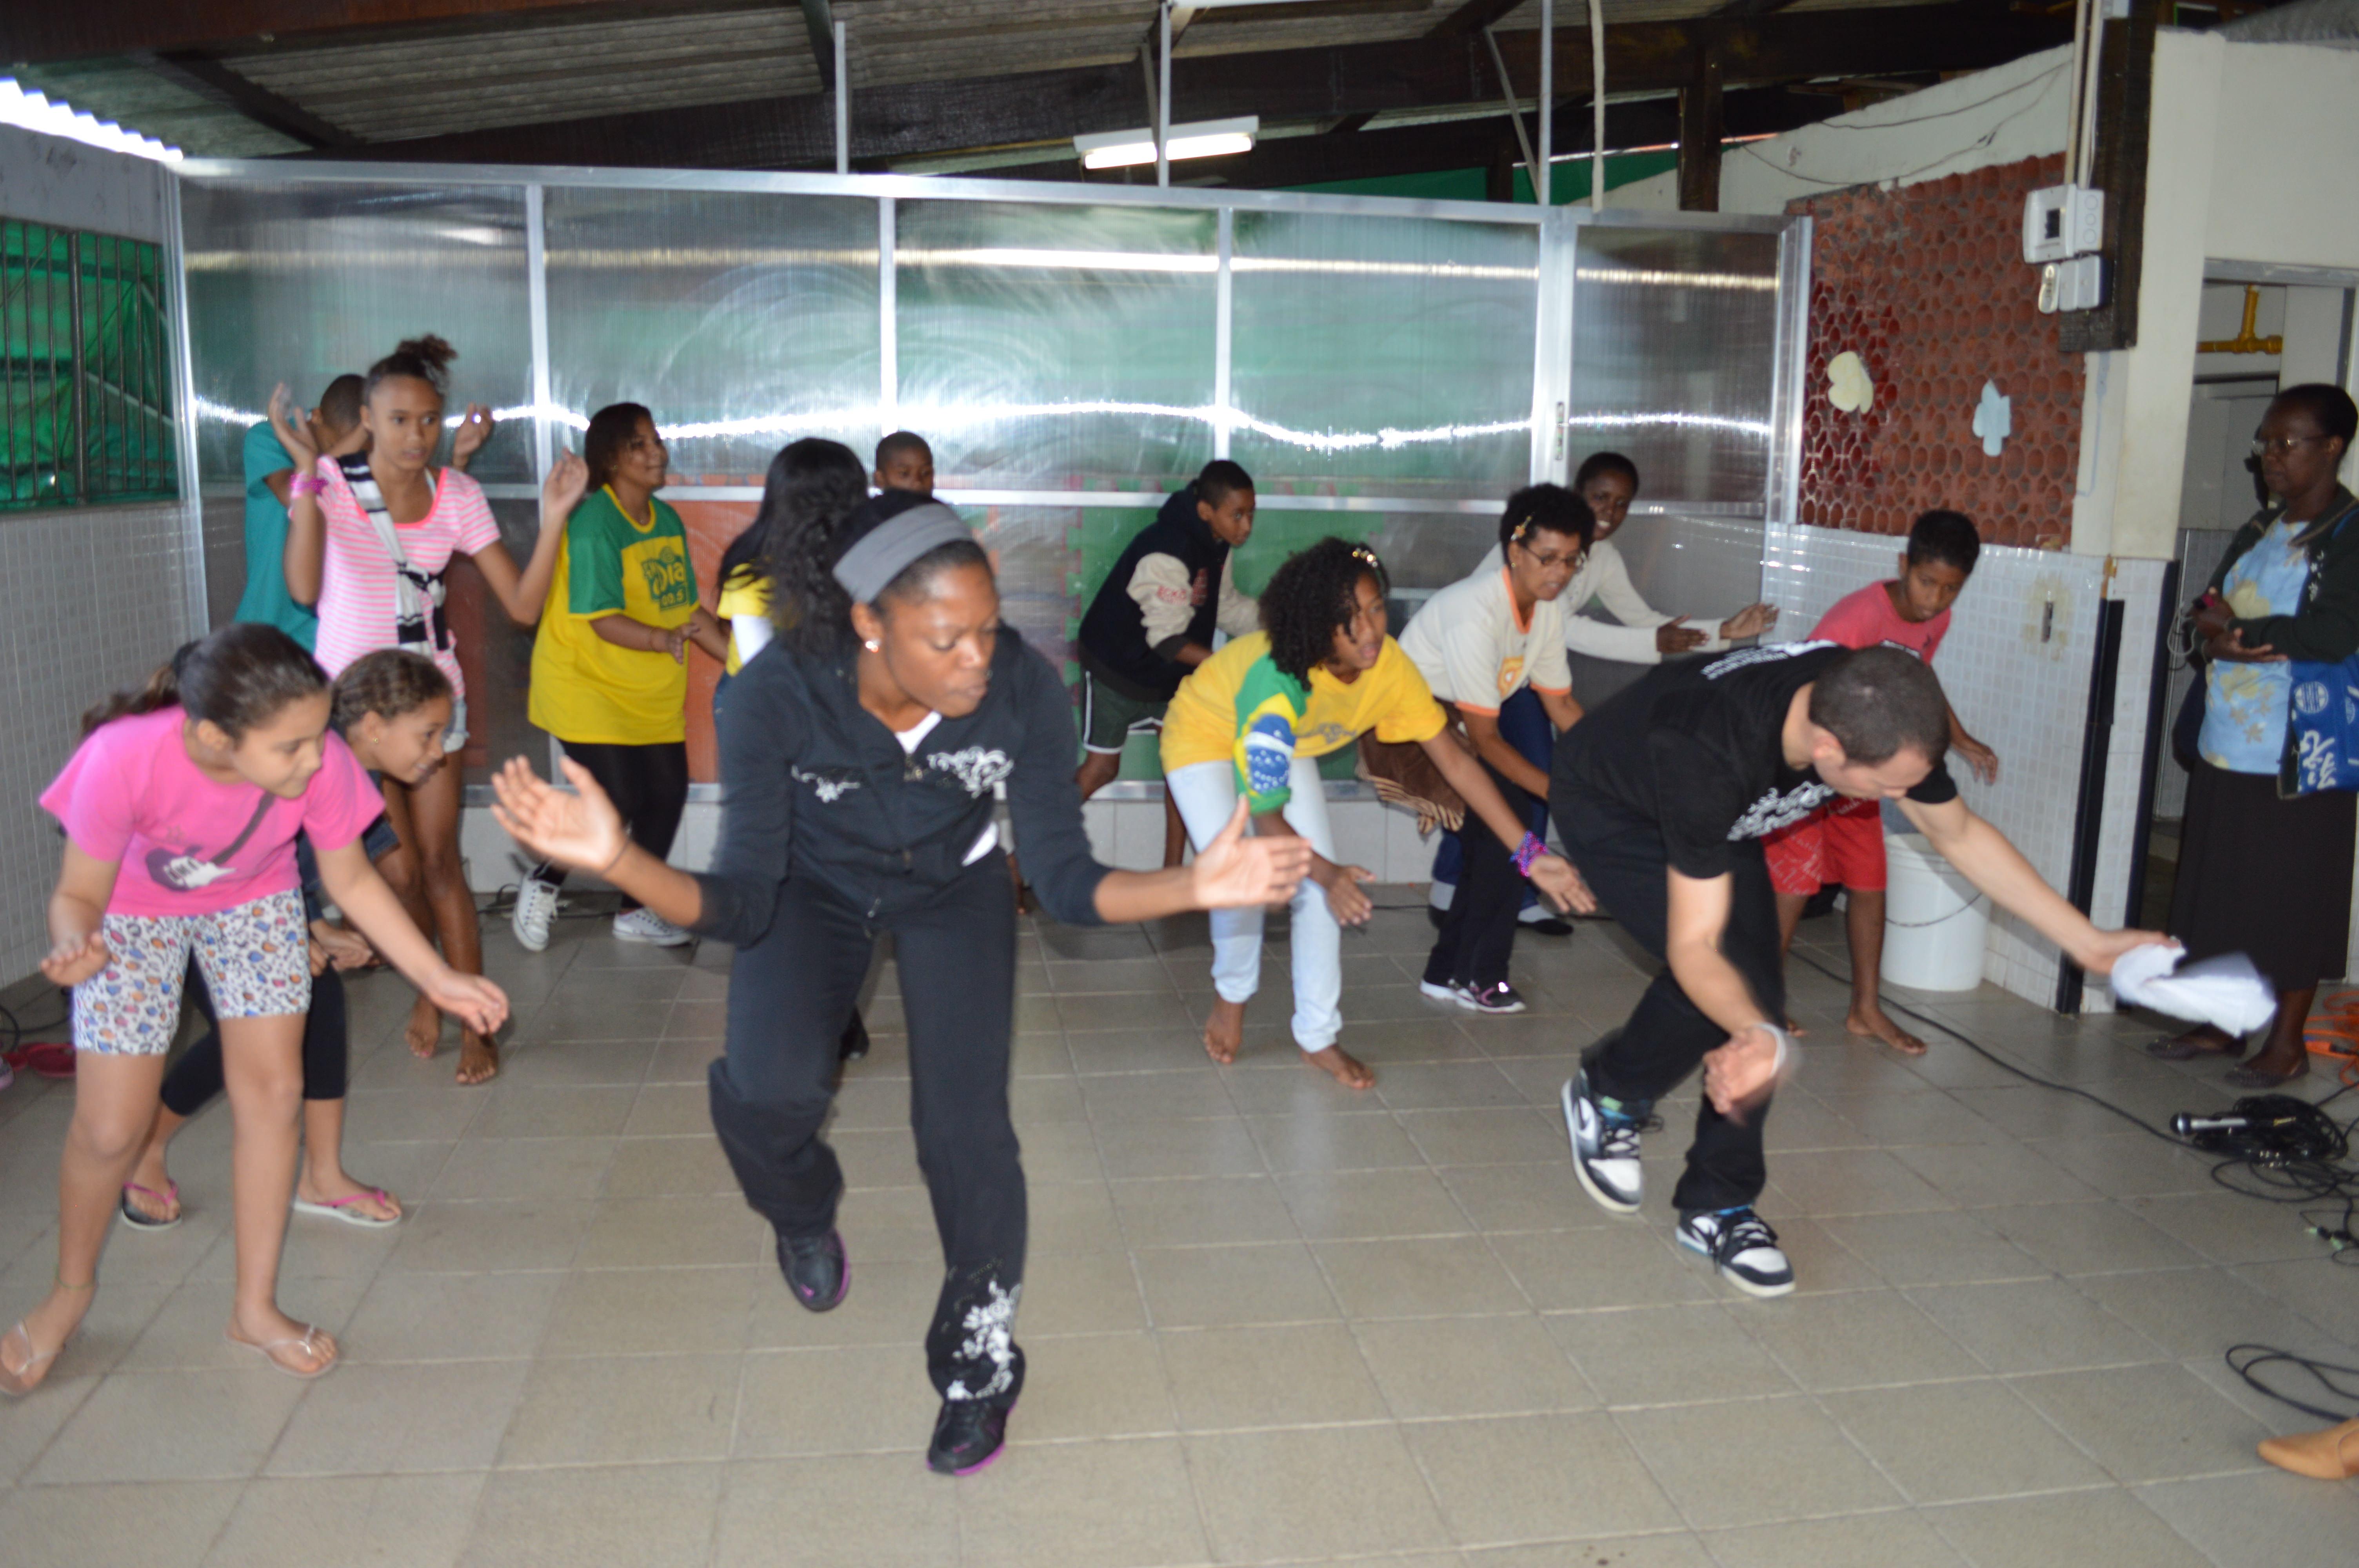 Brazil hop Hop